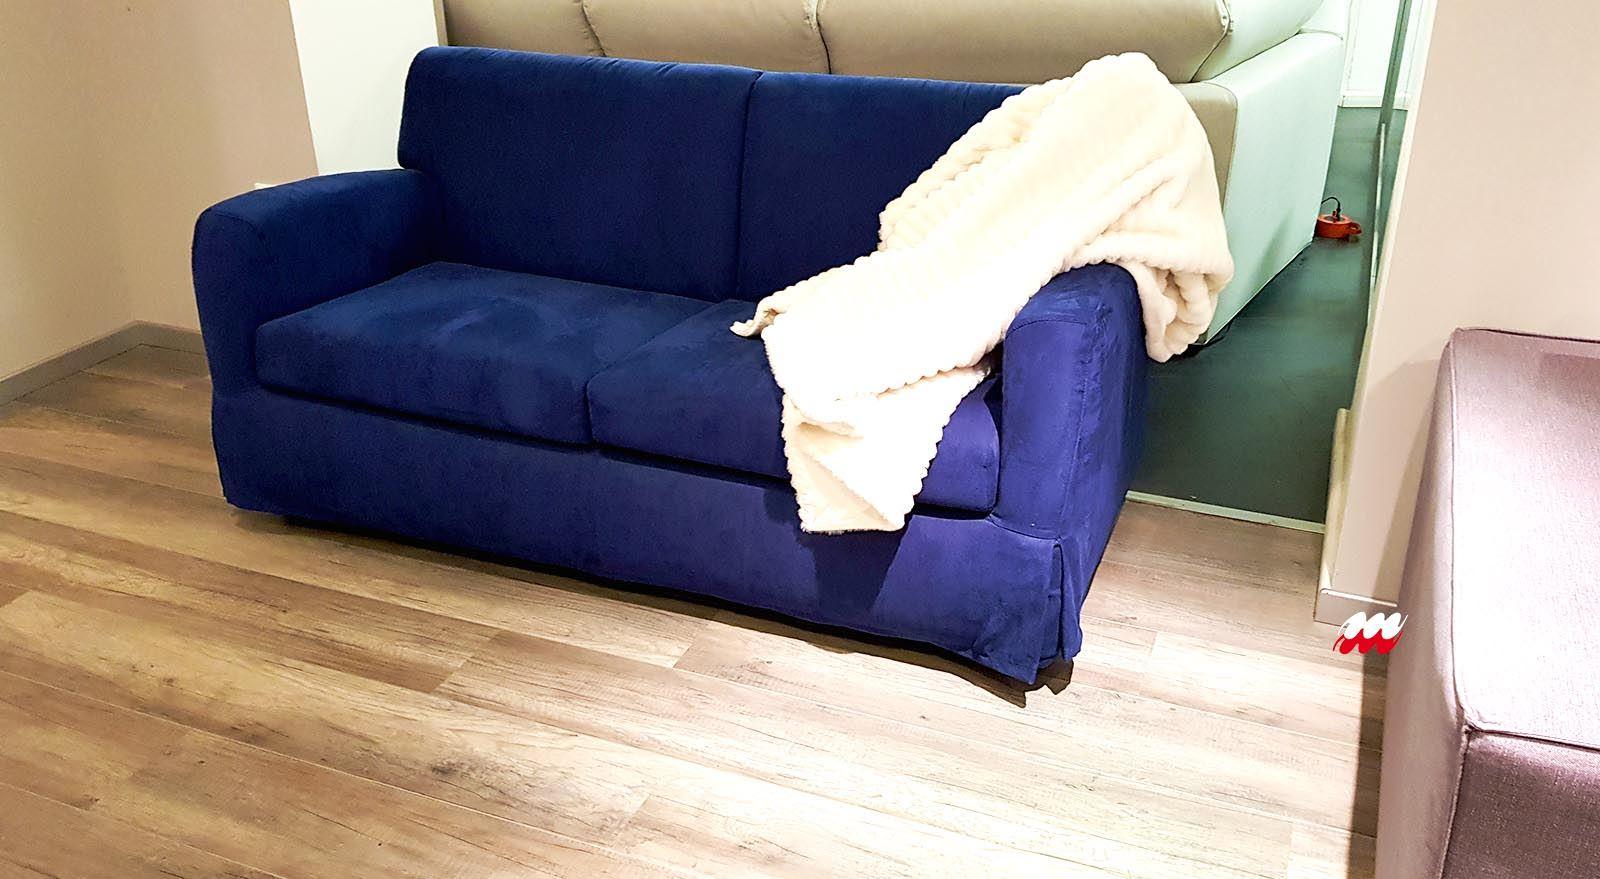 Divano 2 posti blu fok arredamenti meneghello - Dimensione divano 2 posti ...